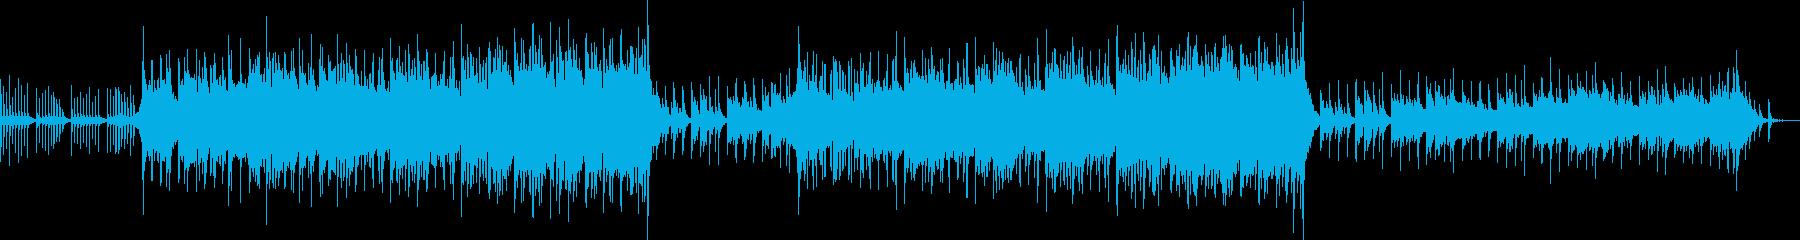 透き通る高音が魅力的な曲です。の再生済みの波形